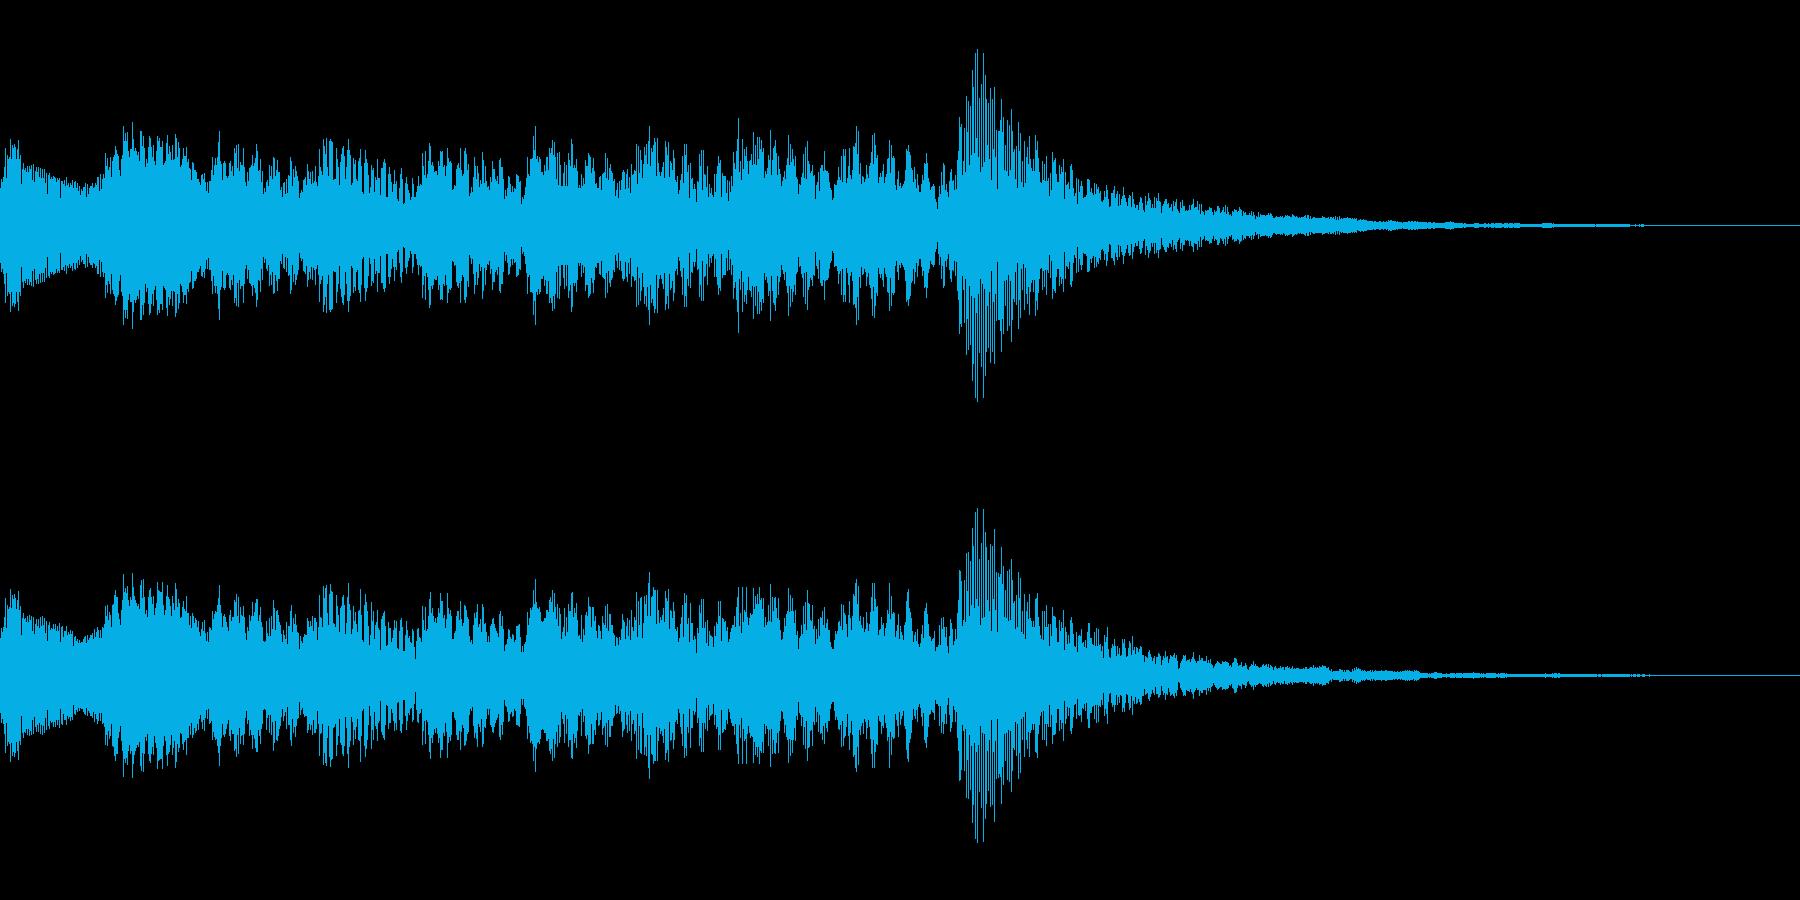 ソフトウェアの起動音の再生済みの波形